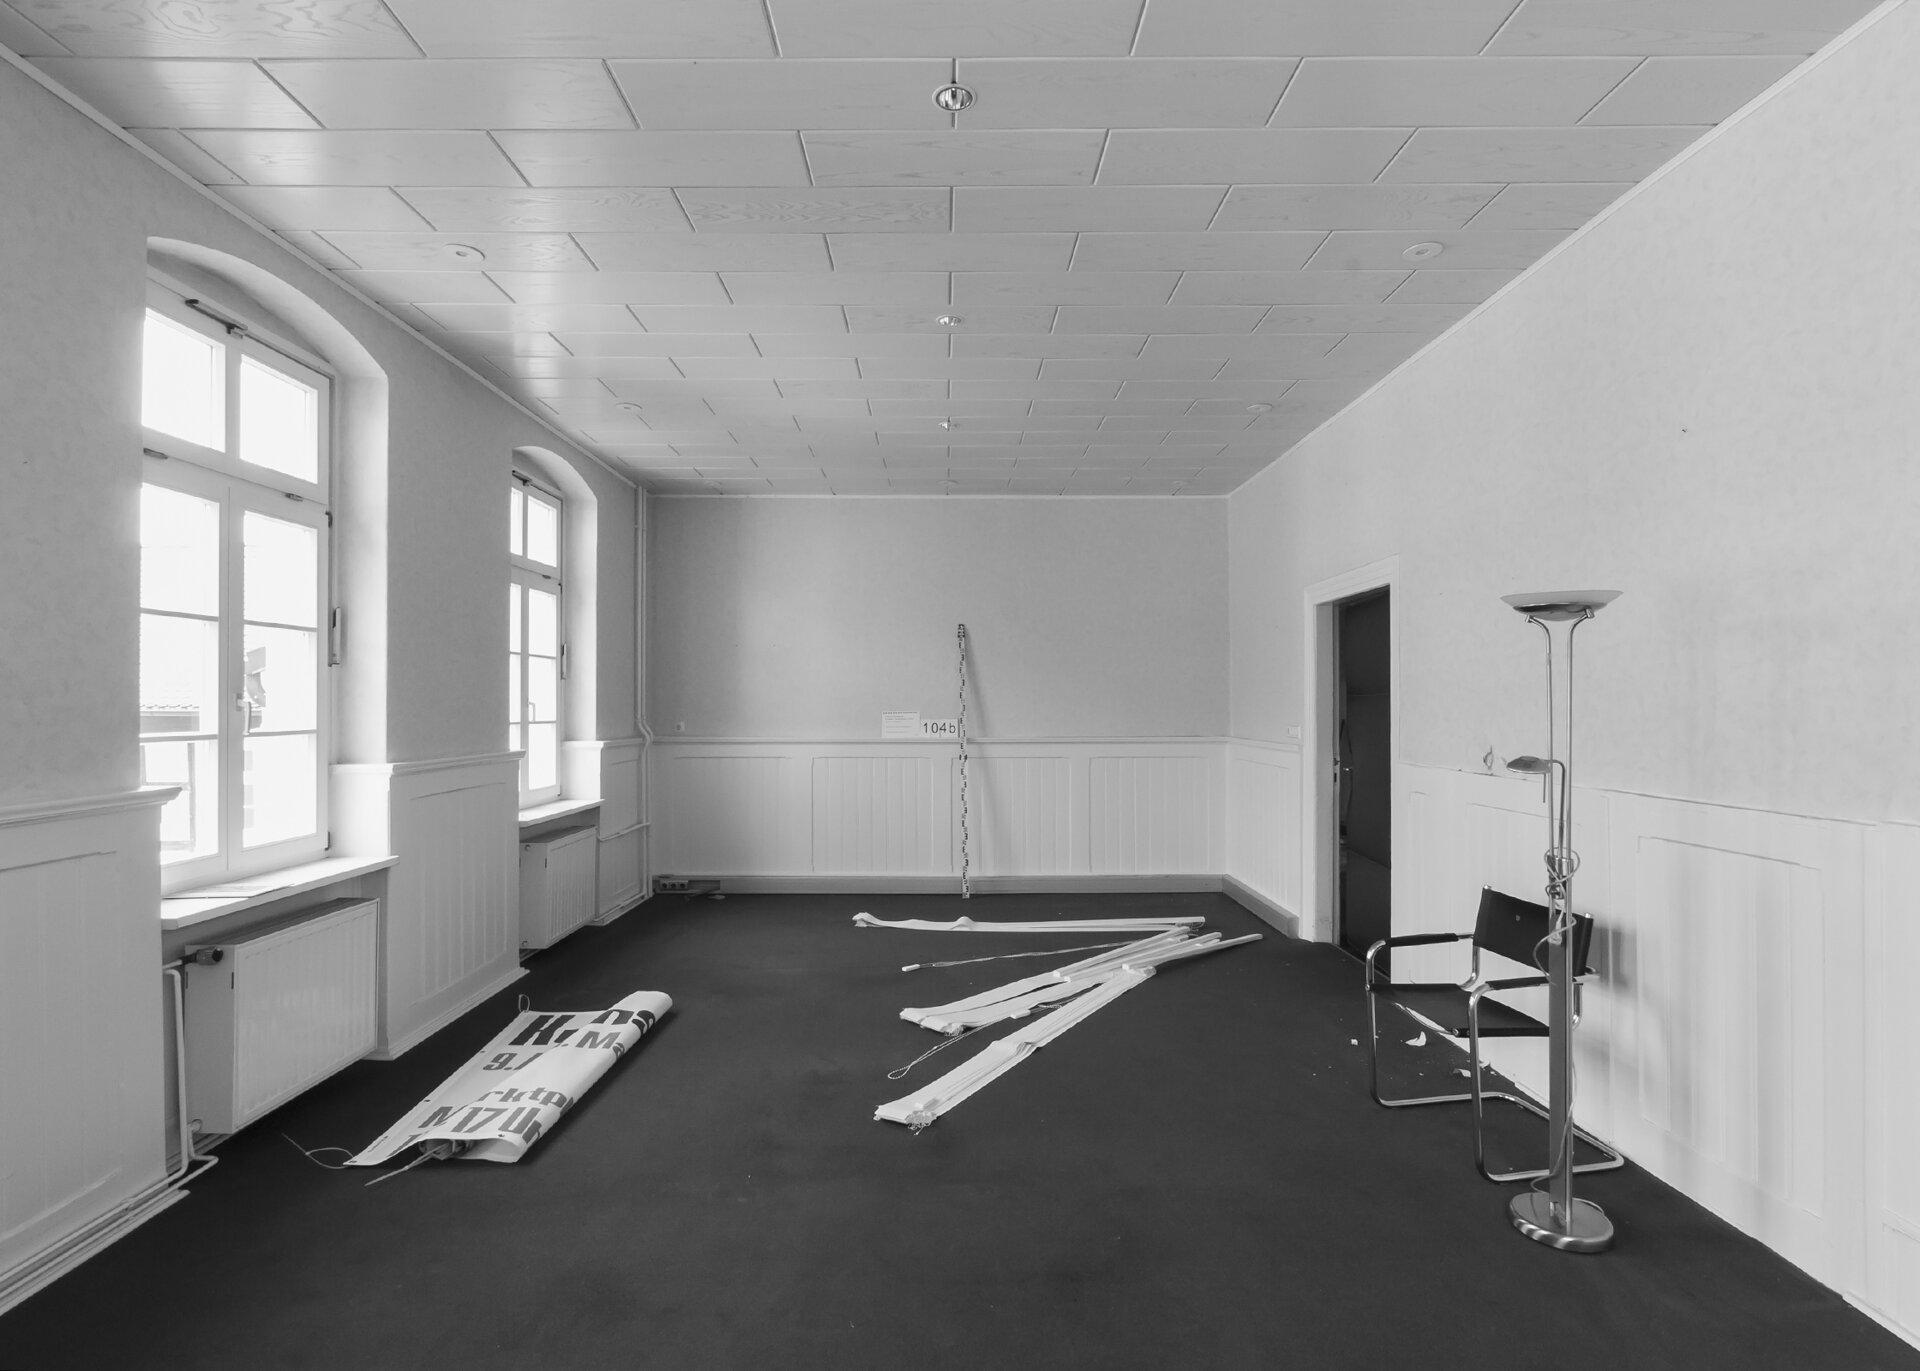 Trauzimmer vorher Foto: Gemeinde Wusterhausen/Dosse